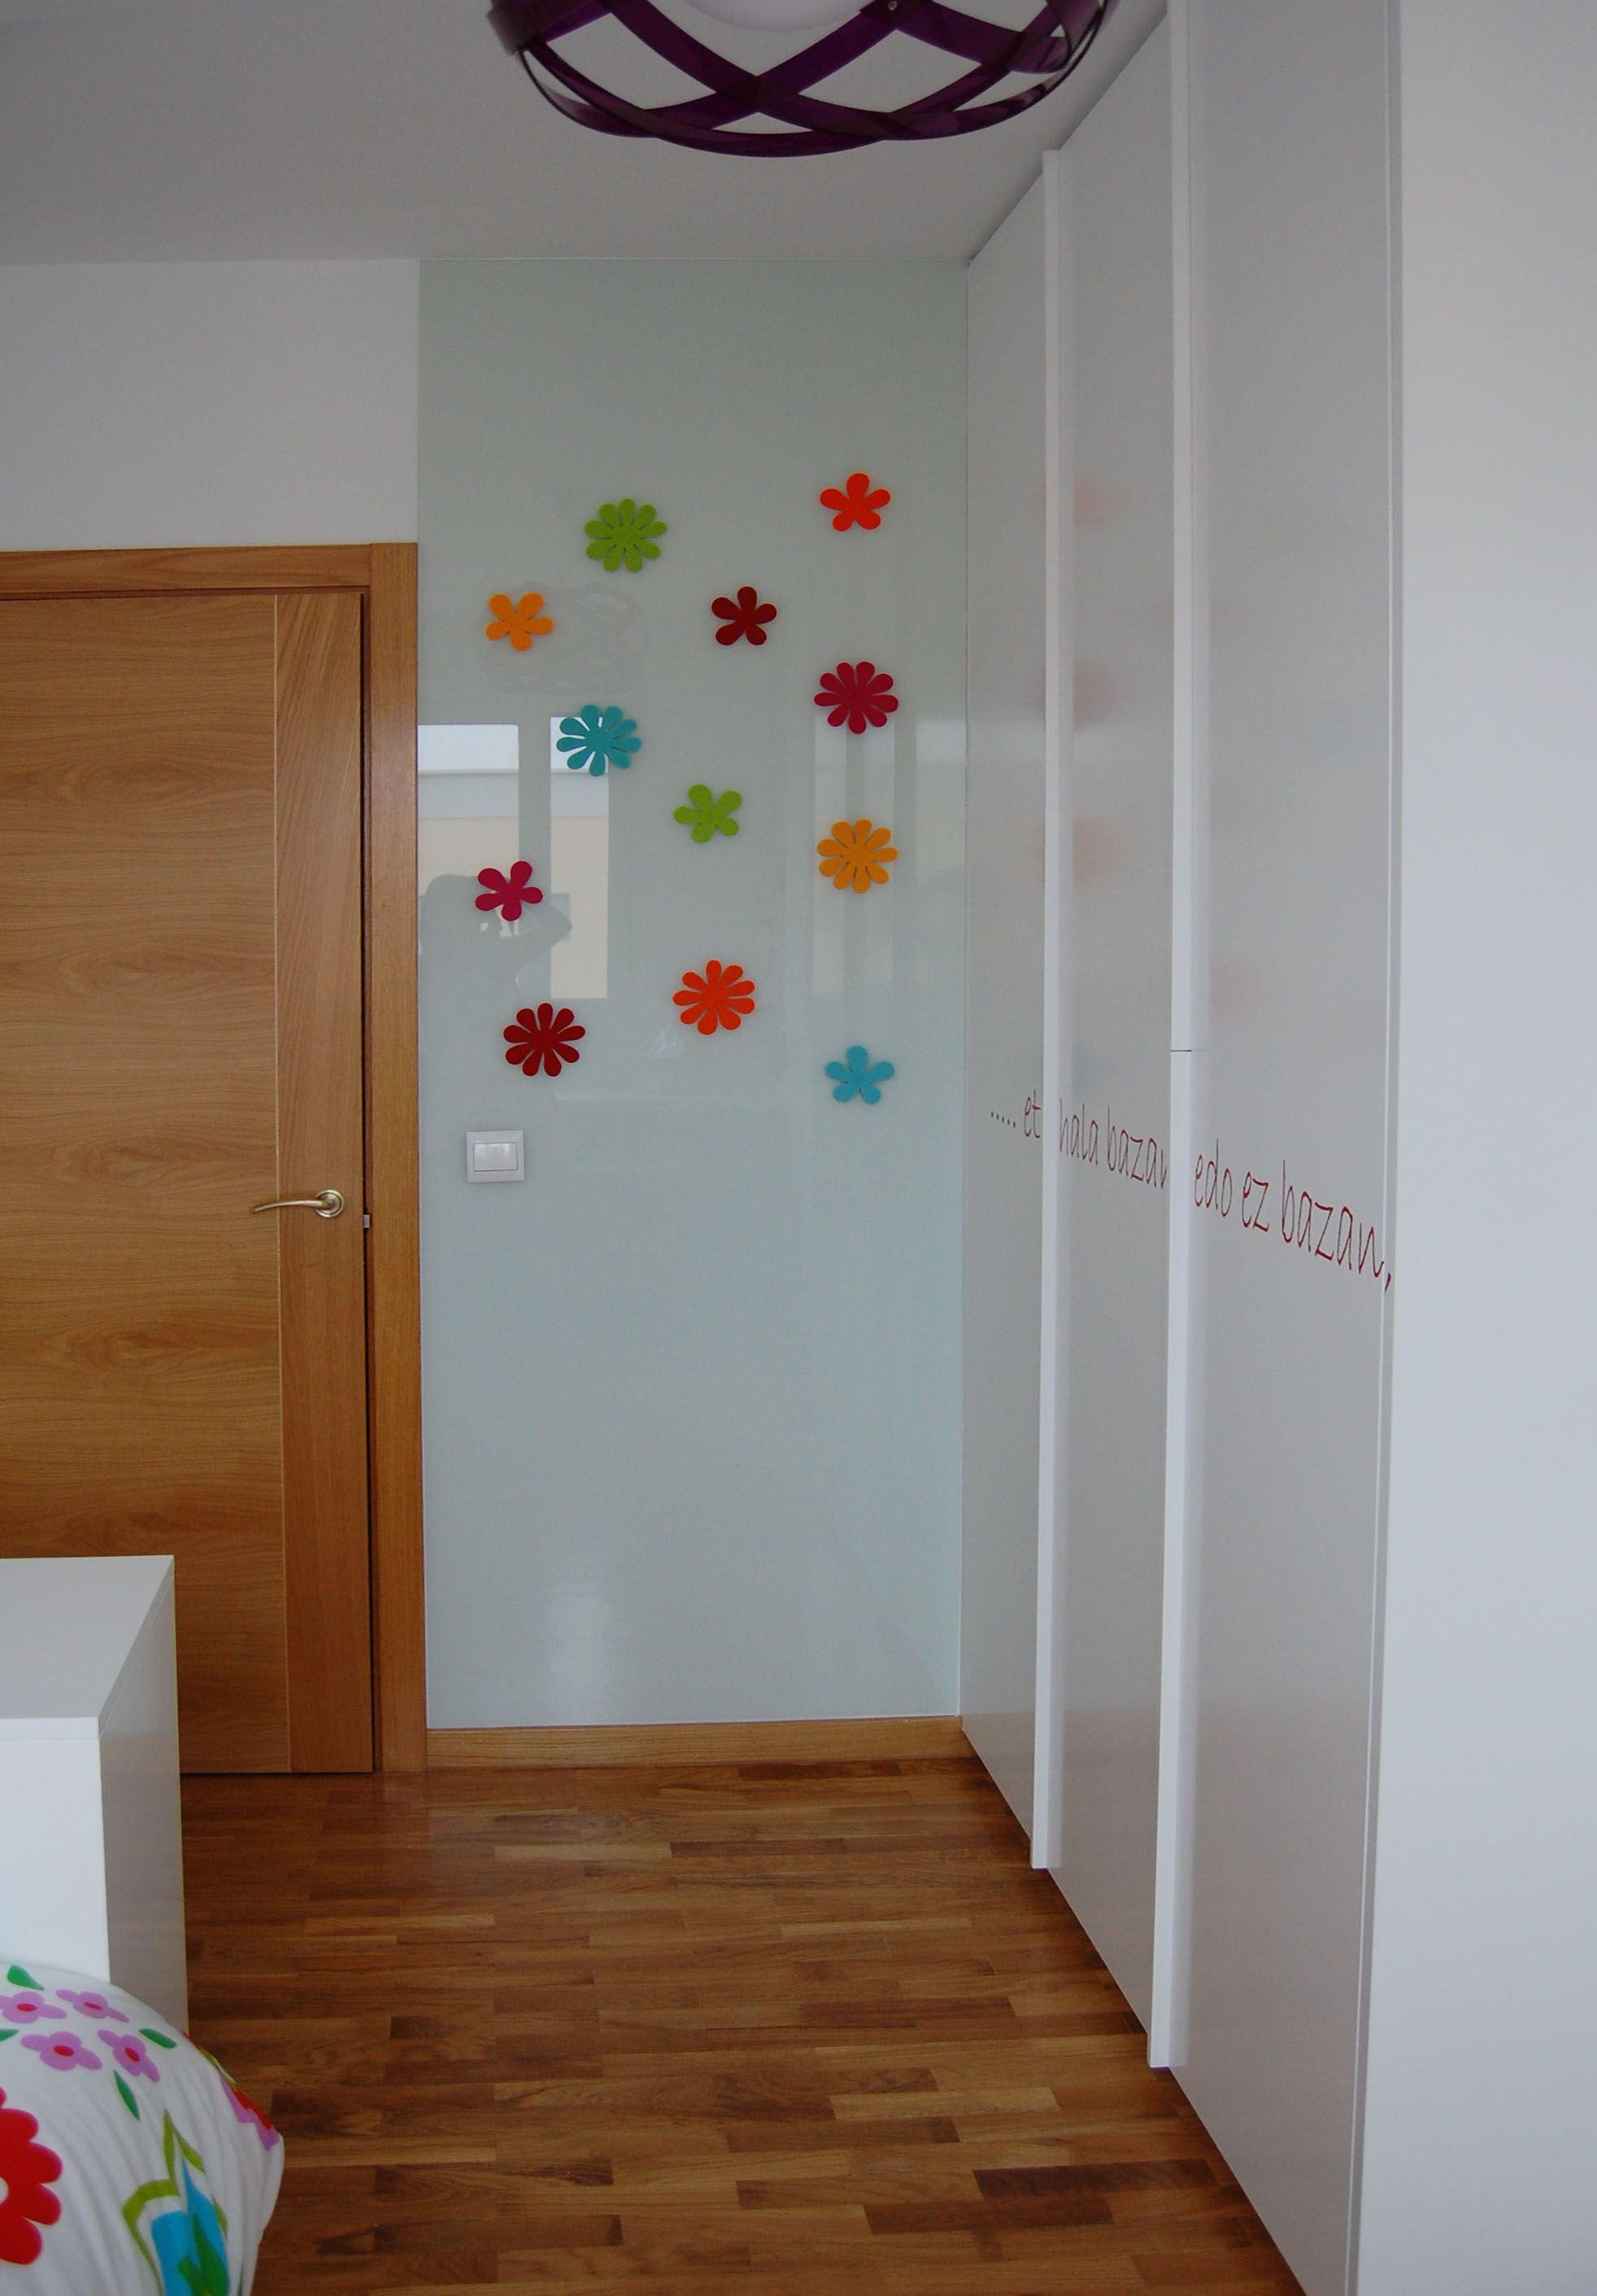 Trabajo decoraci n y dise o de interiores deco mi casa pinterest - Diseno de interiores trabajo ...